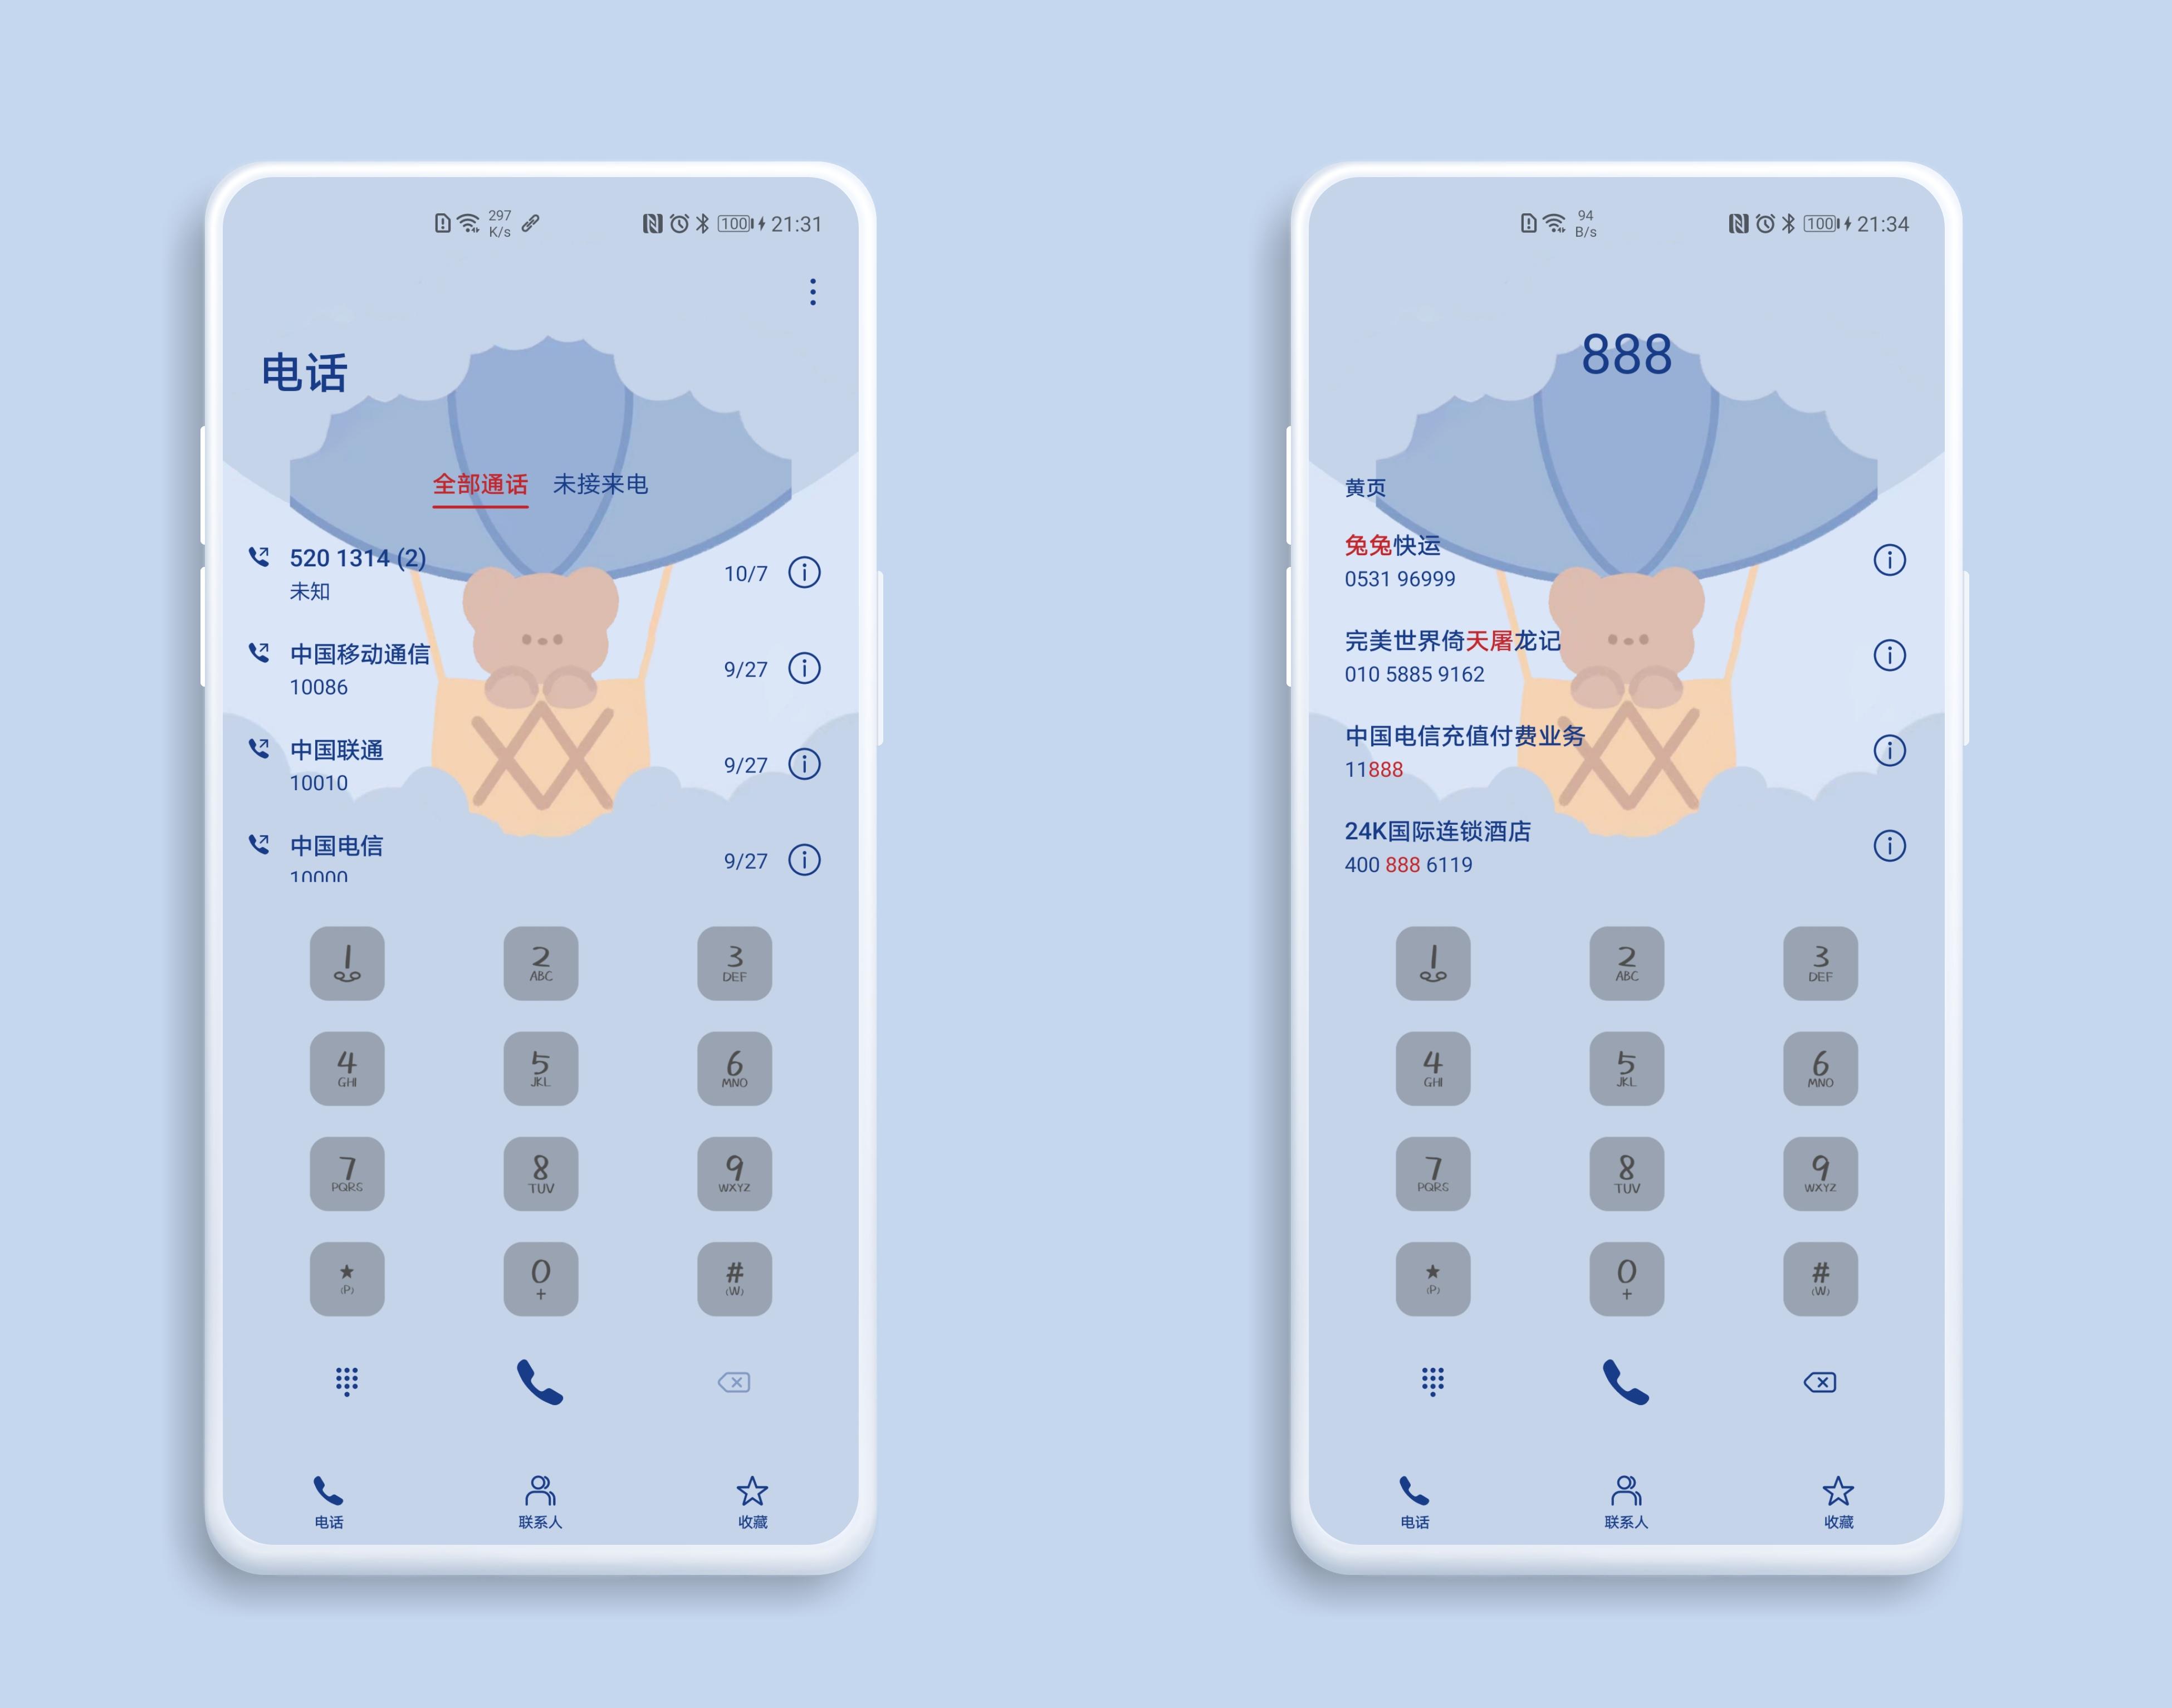 主题 | 小心!你的手机屏幕要被萌爆了,主题《饼干熊》真萌控速入!,主题爱好者-花粉俱乐部